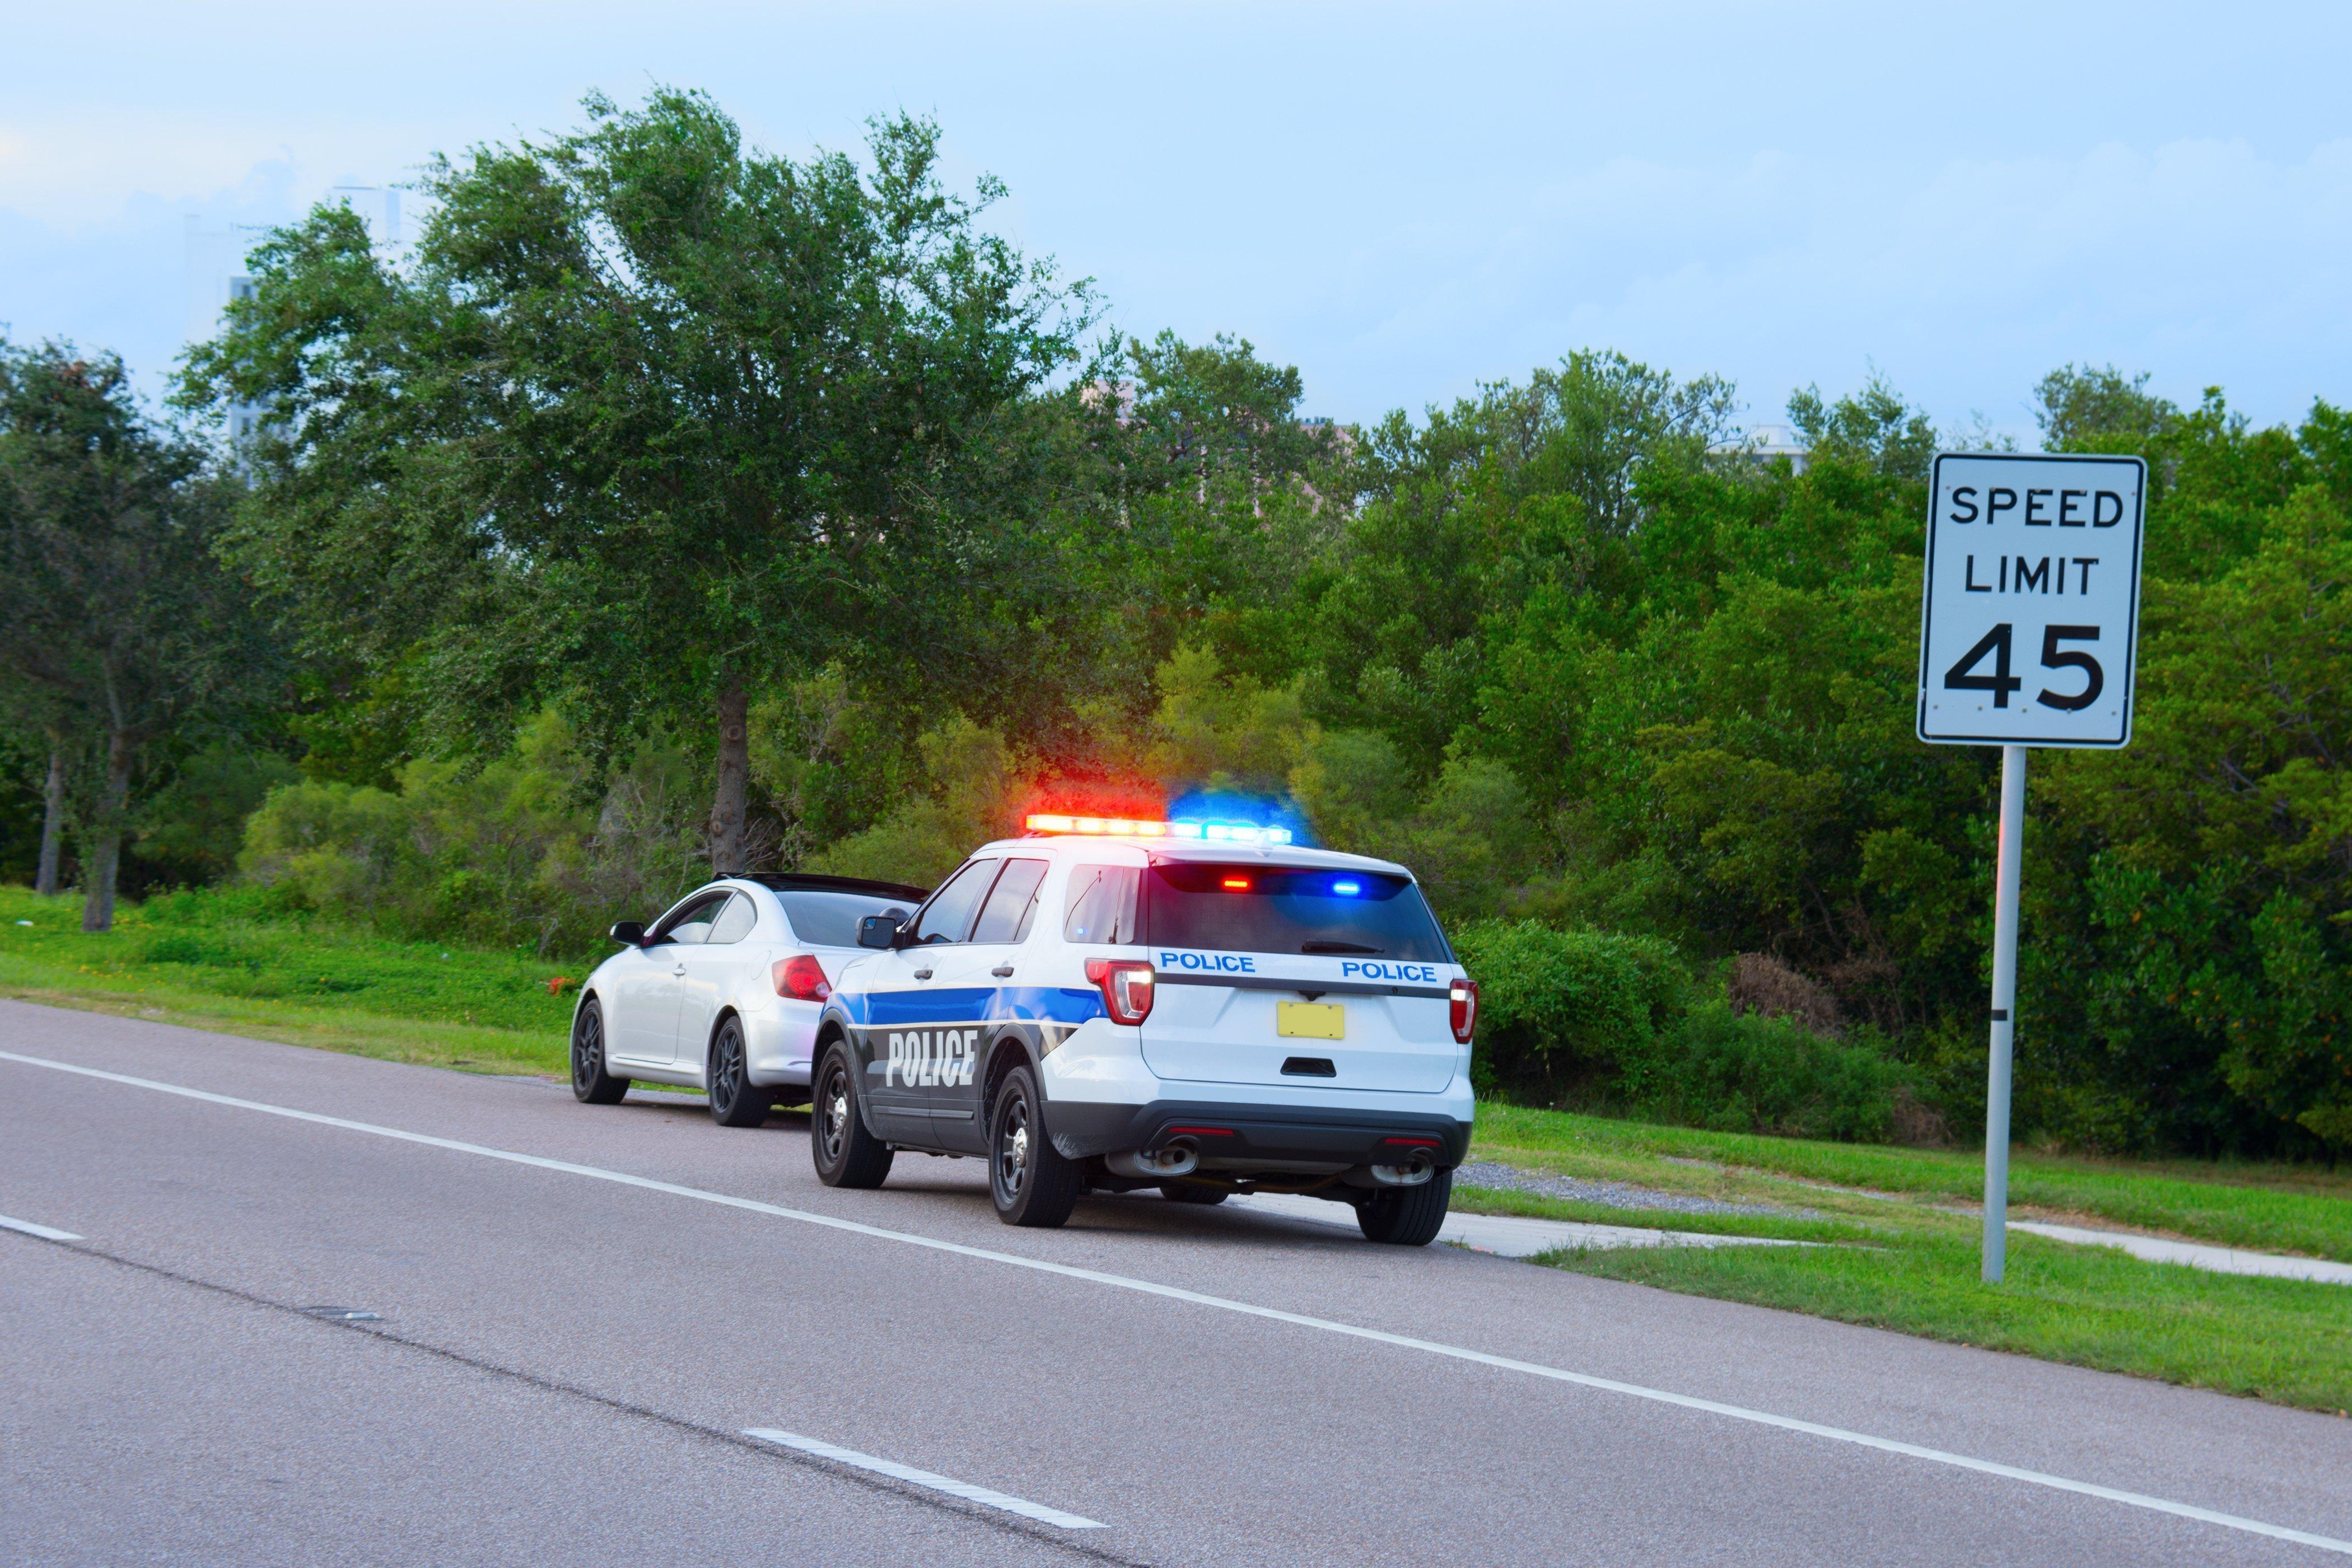 Polizeiauto und weißer Wagen | Quelle: Getty Images